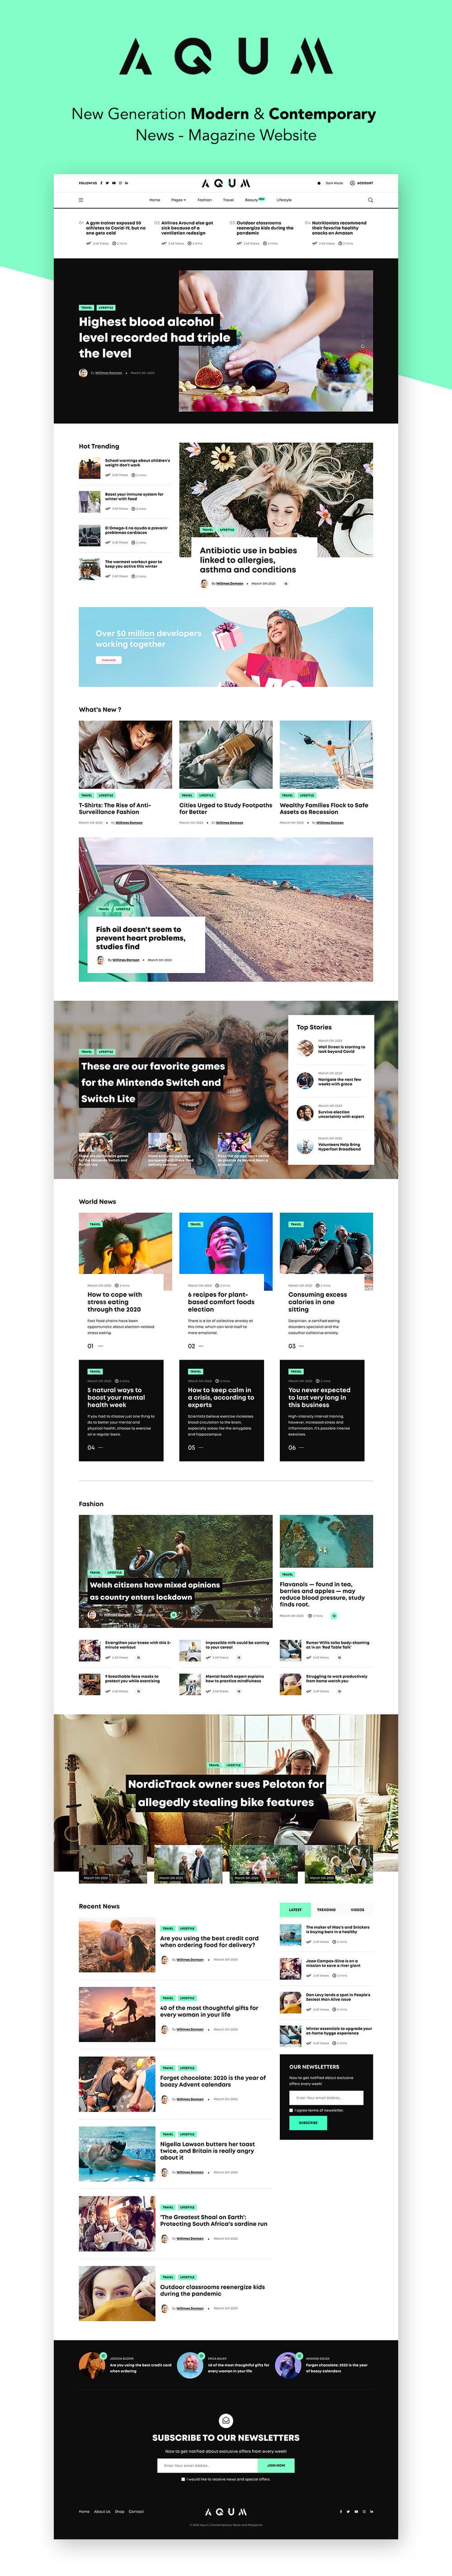 Aqum | Contemporary News and Magazine HTML Template - 1